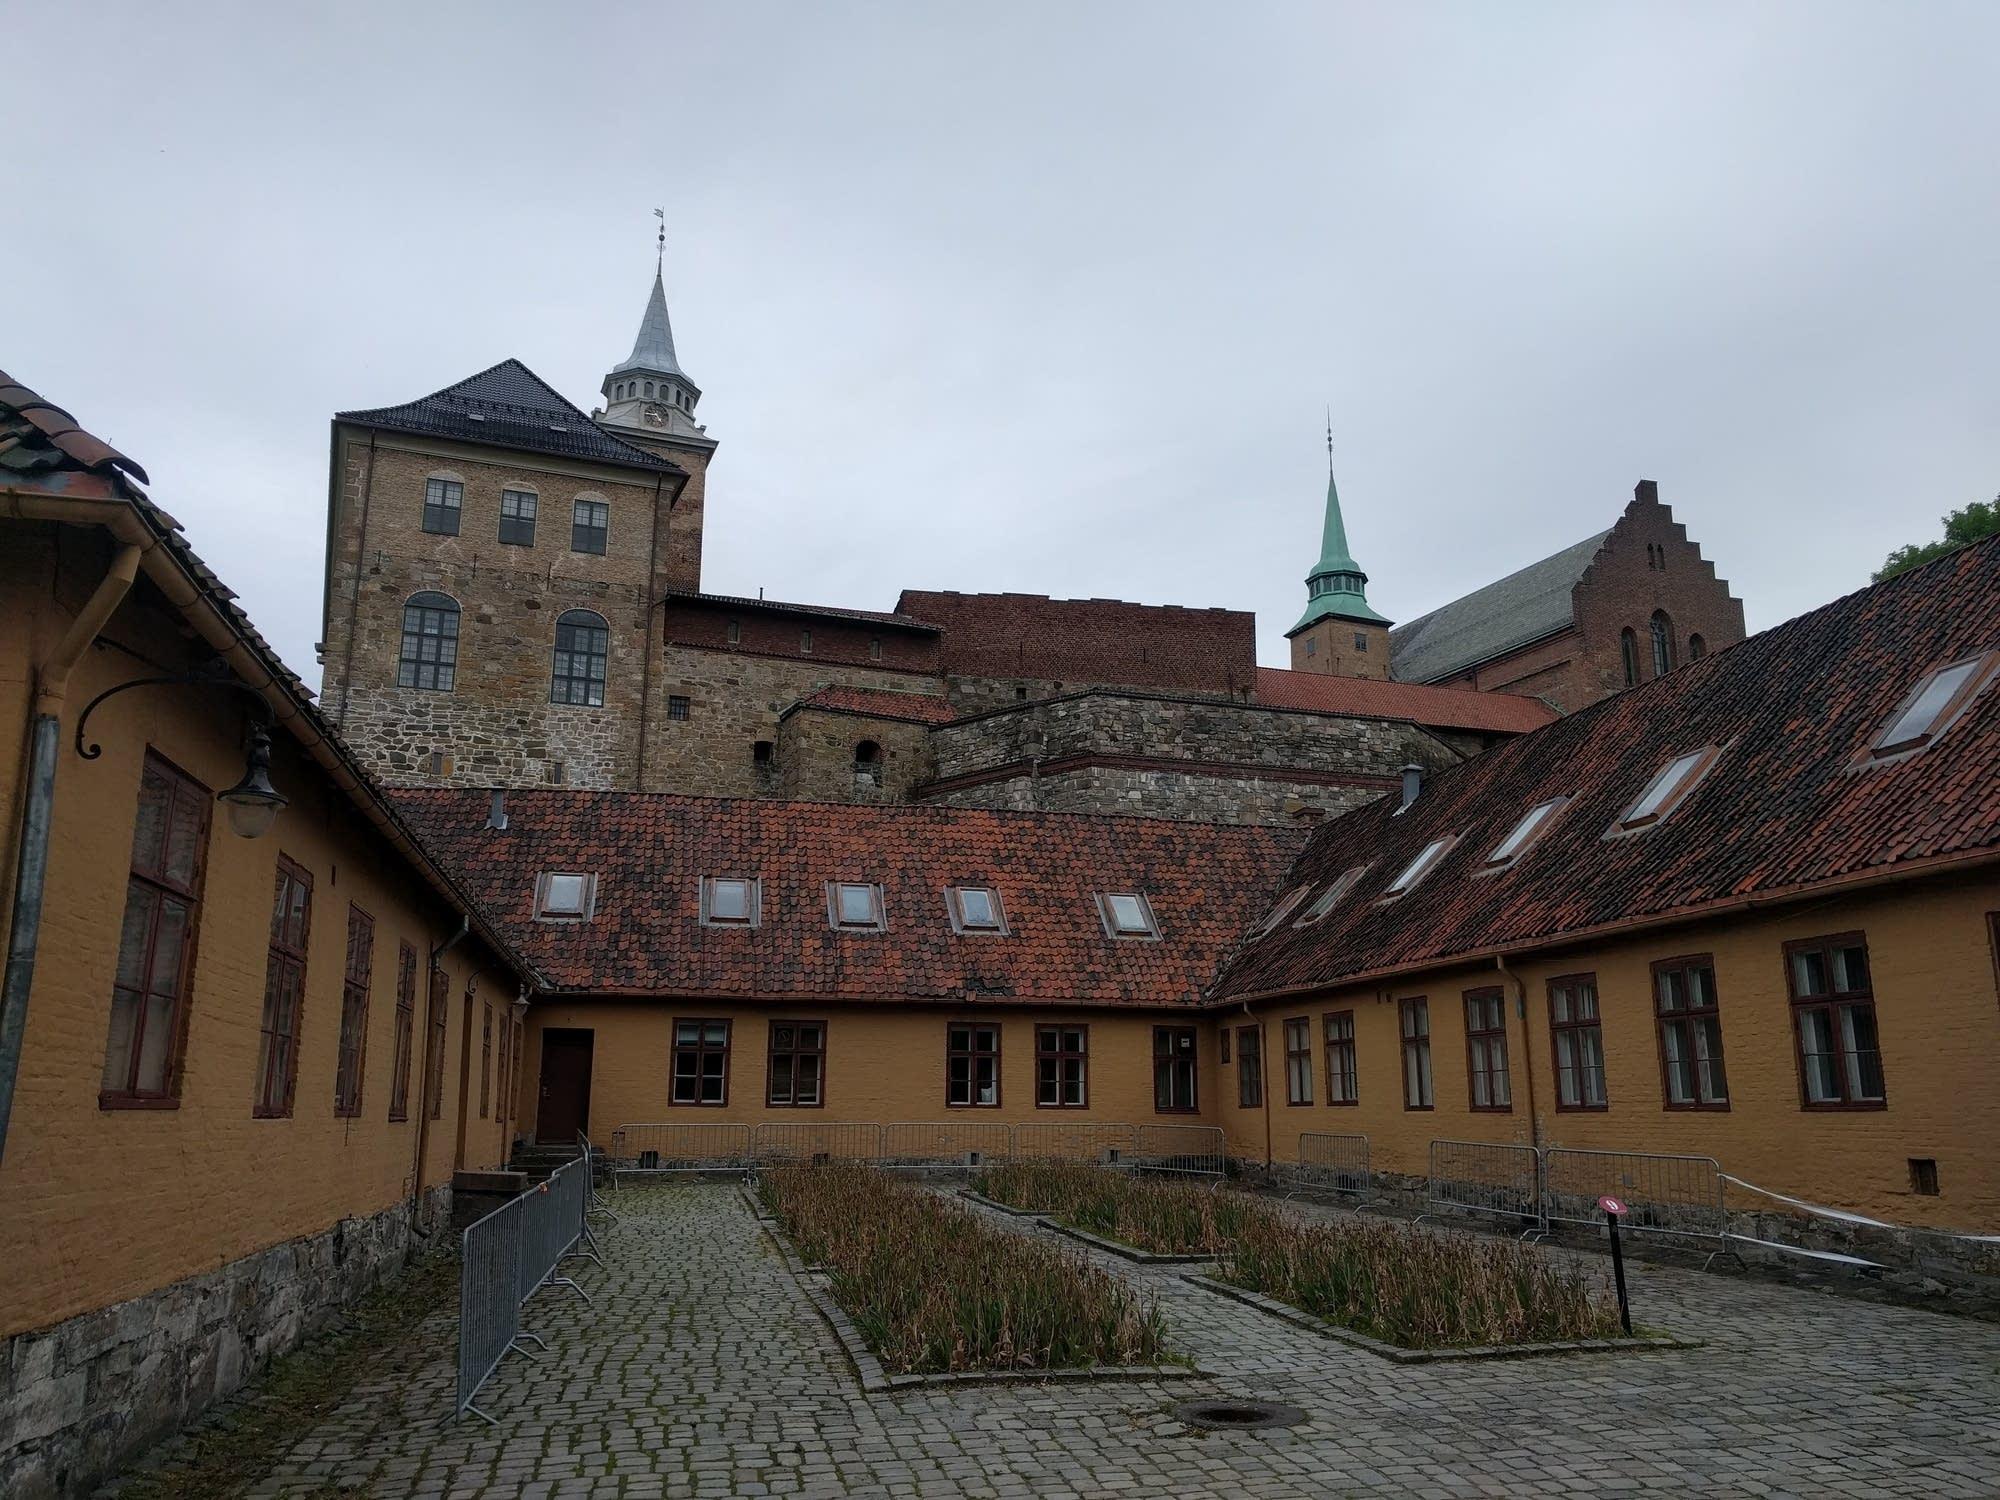 Oslo - 03 - castle courtyard